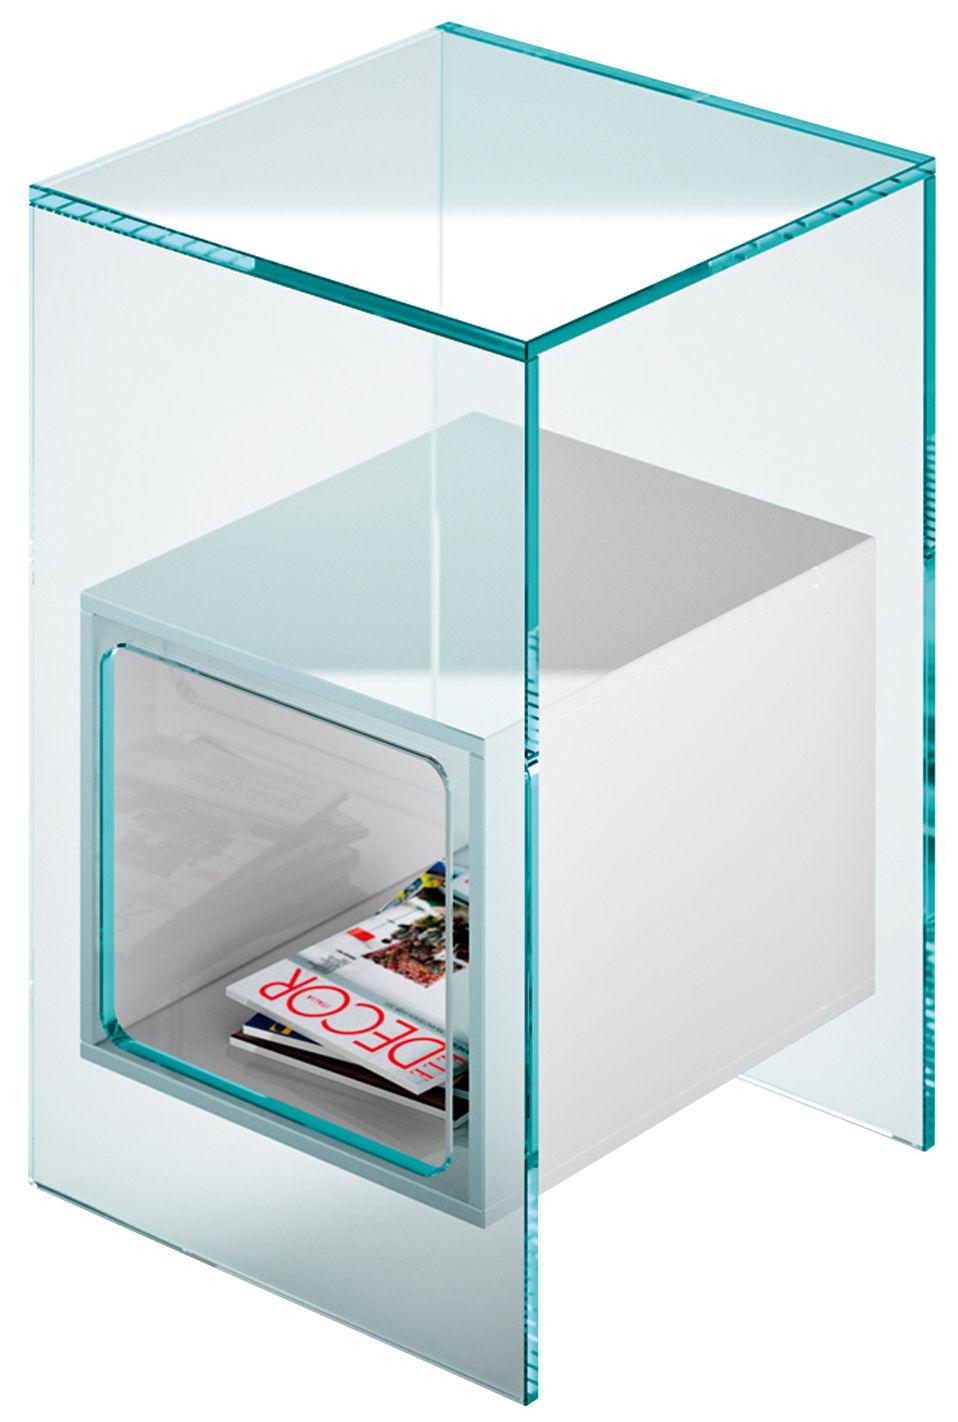 Mobilier - Tables basses - Table d'appoint Magique / H 56 cm - FIAM - Transparent / Casier blanc - Verre